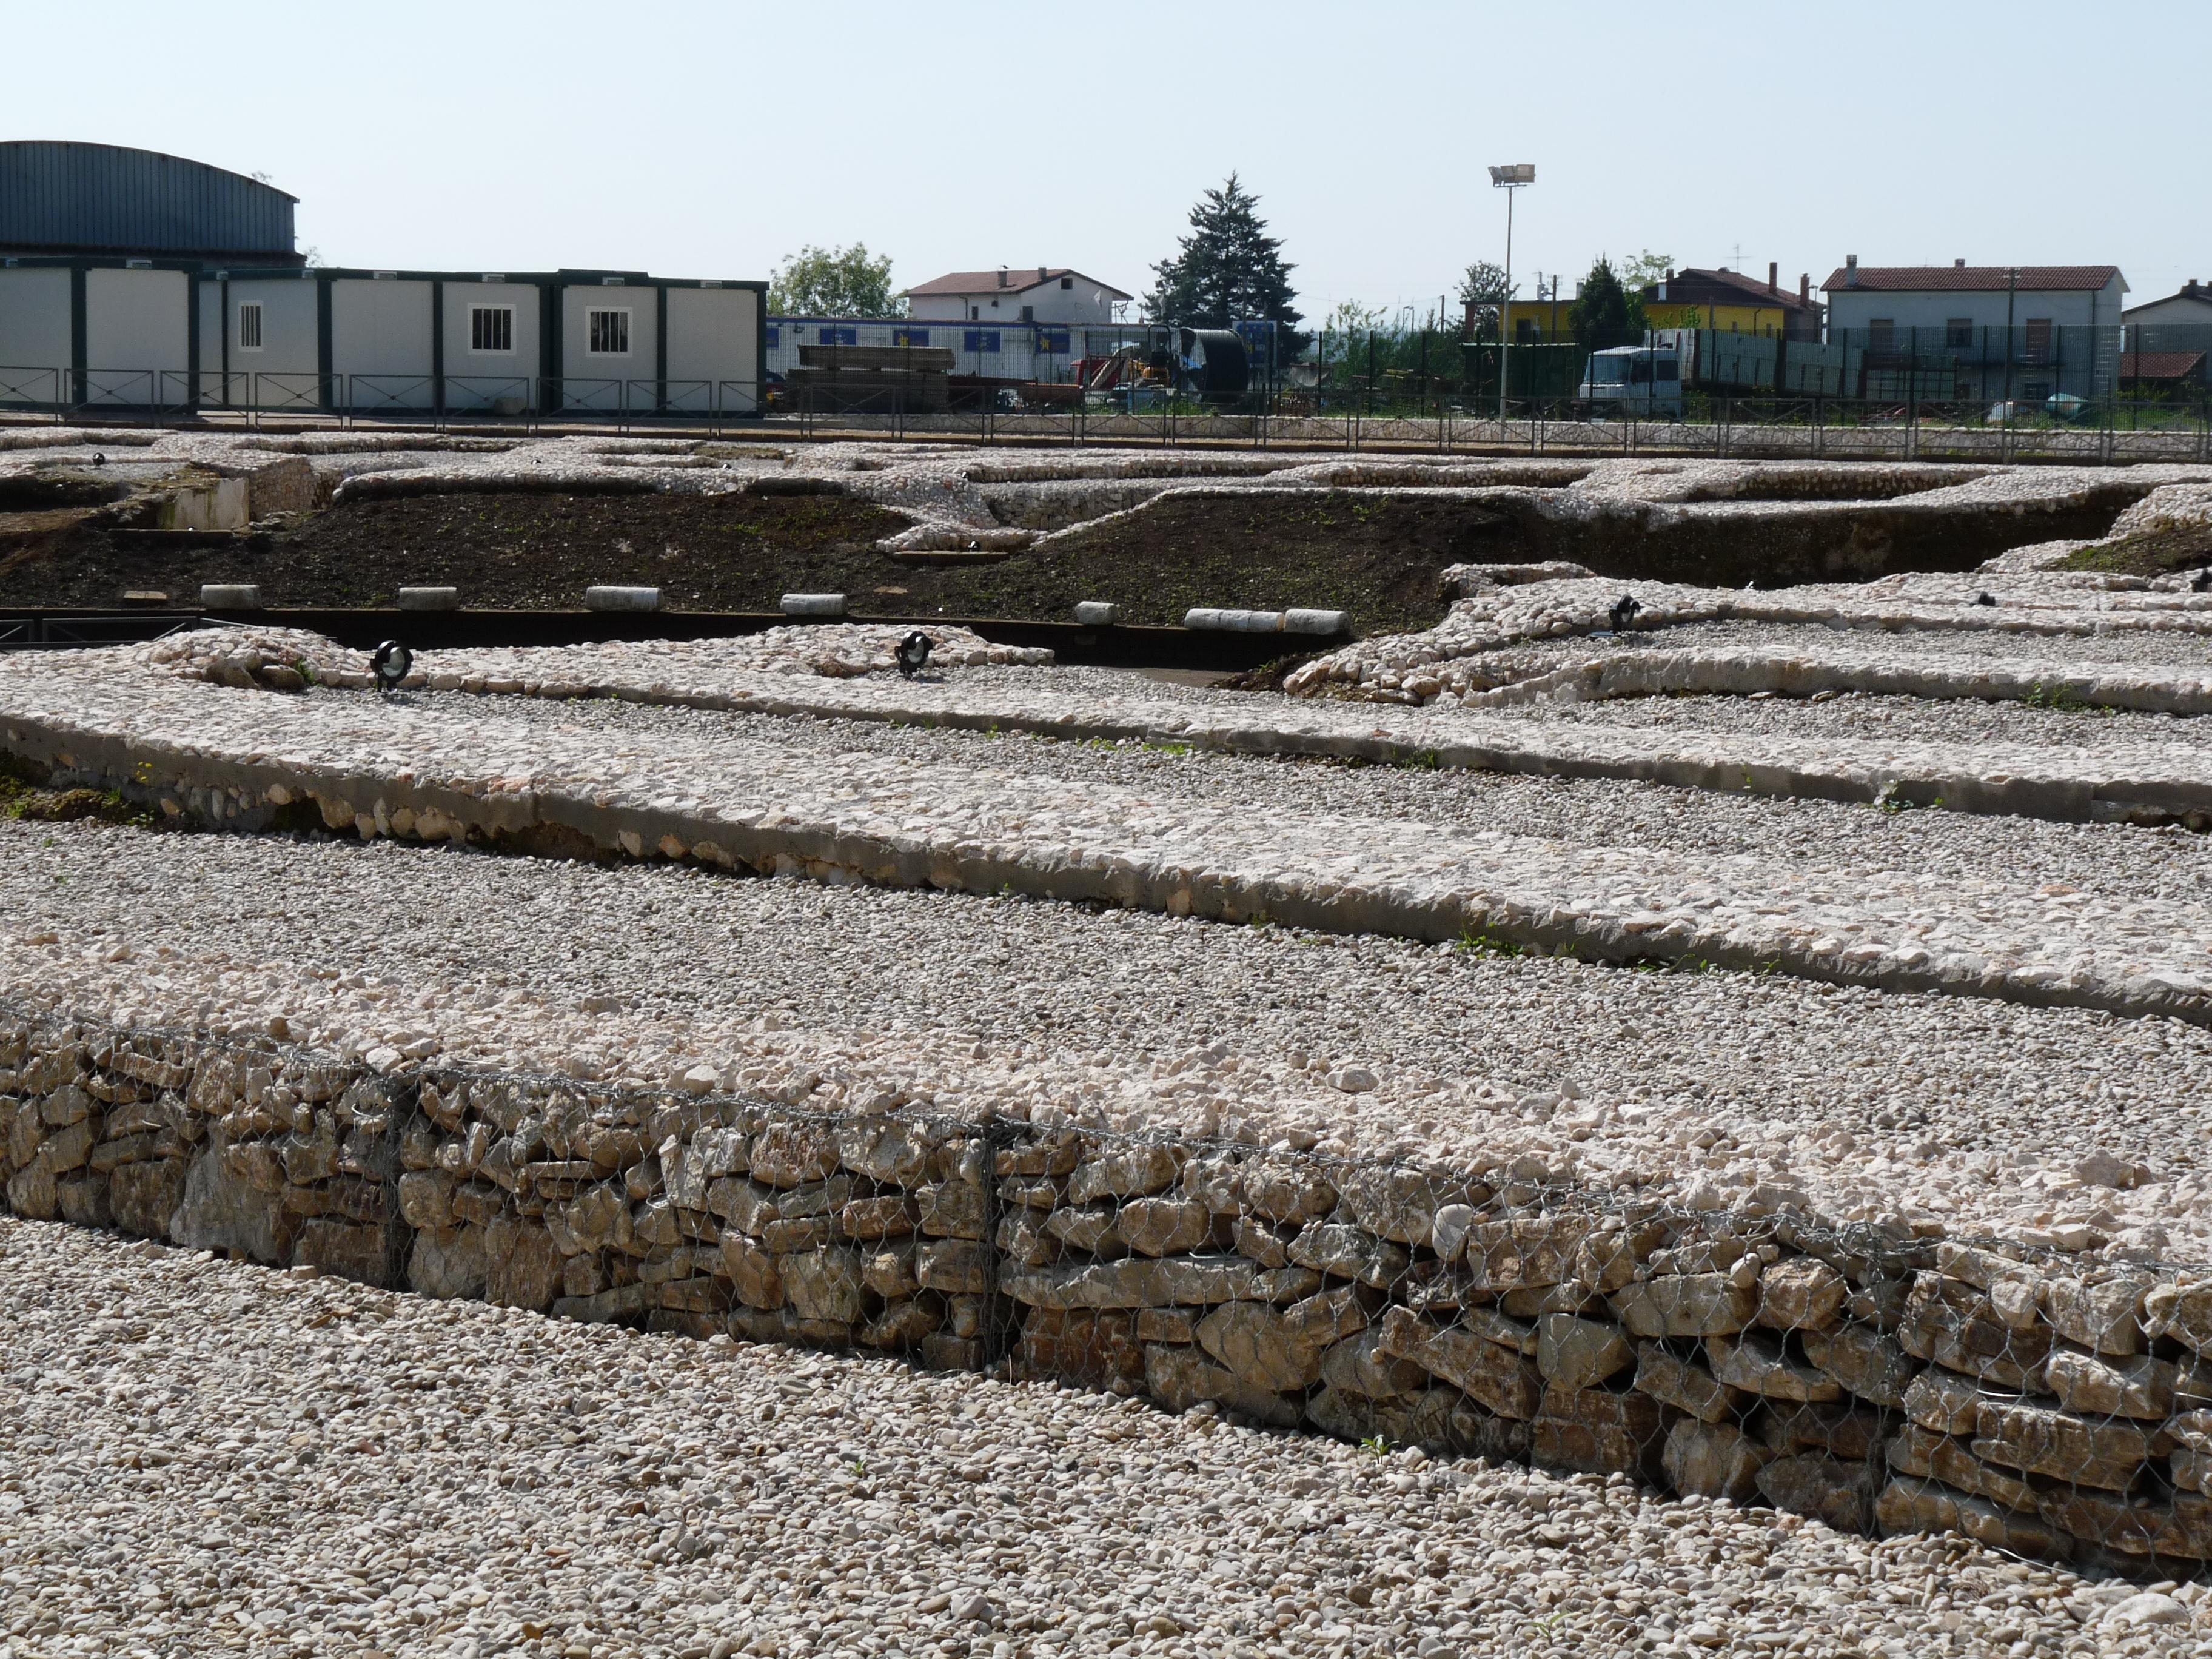 Anfiteatro romano - 09.04.25 (26).JPG